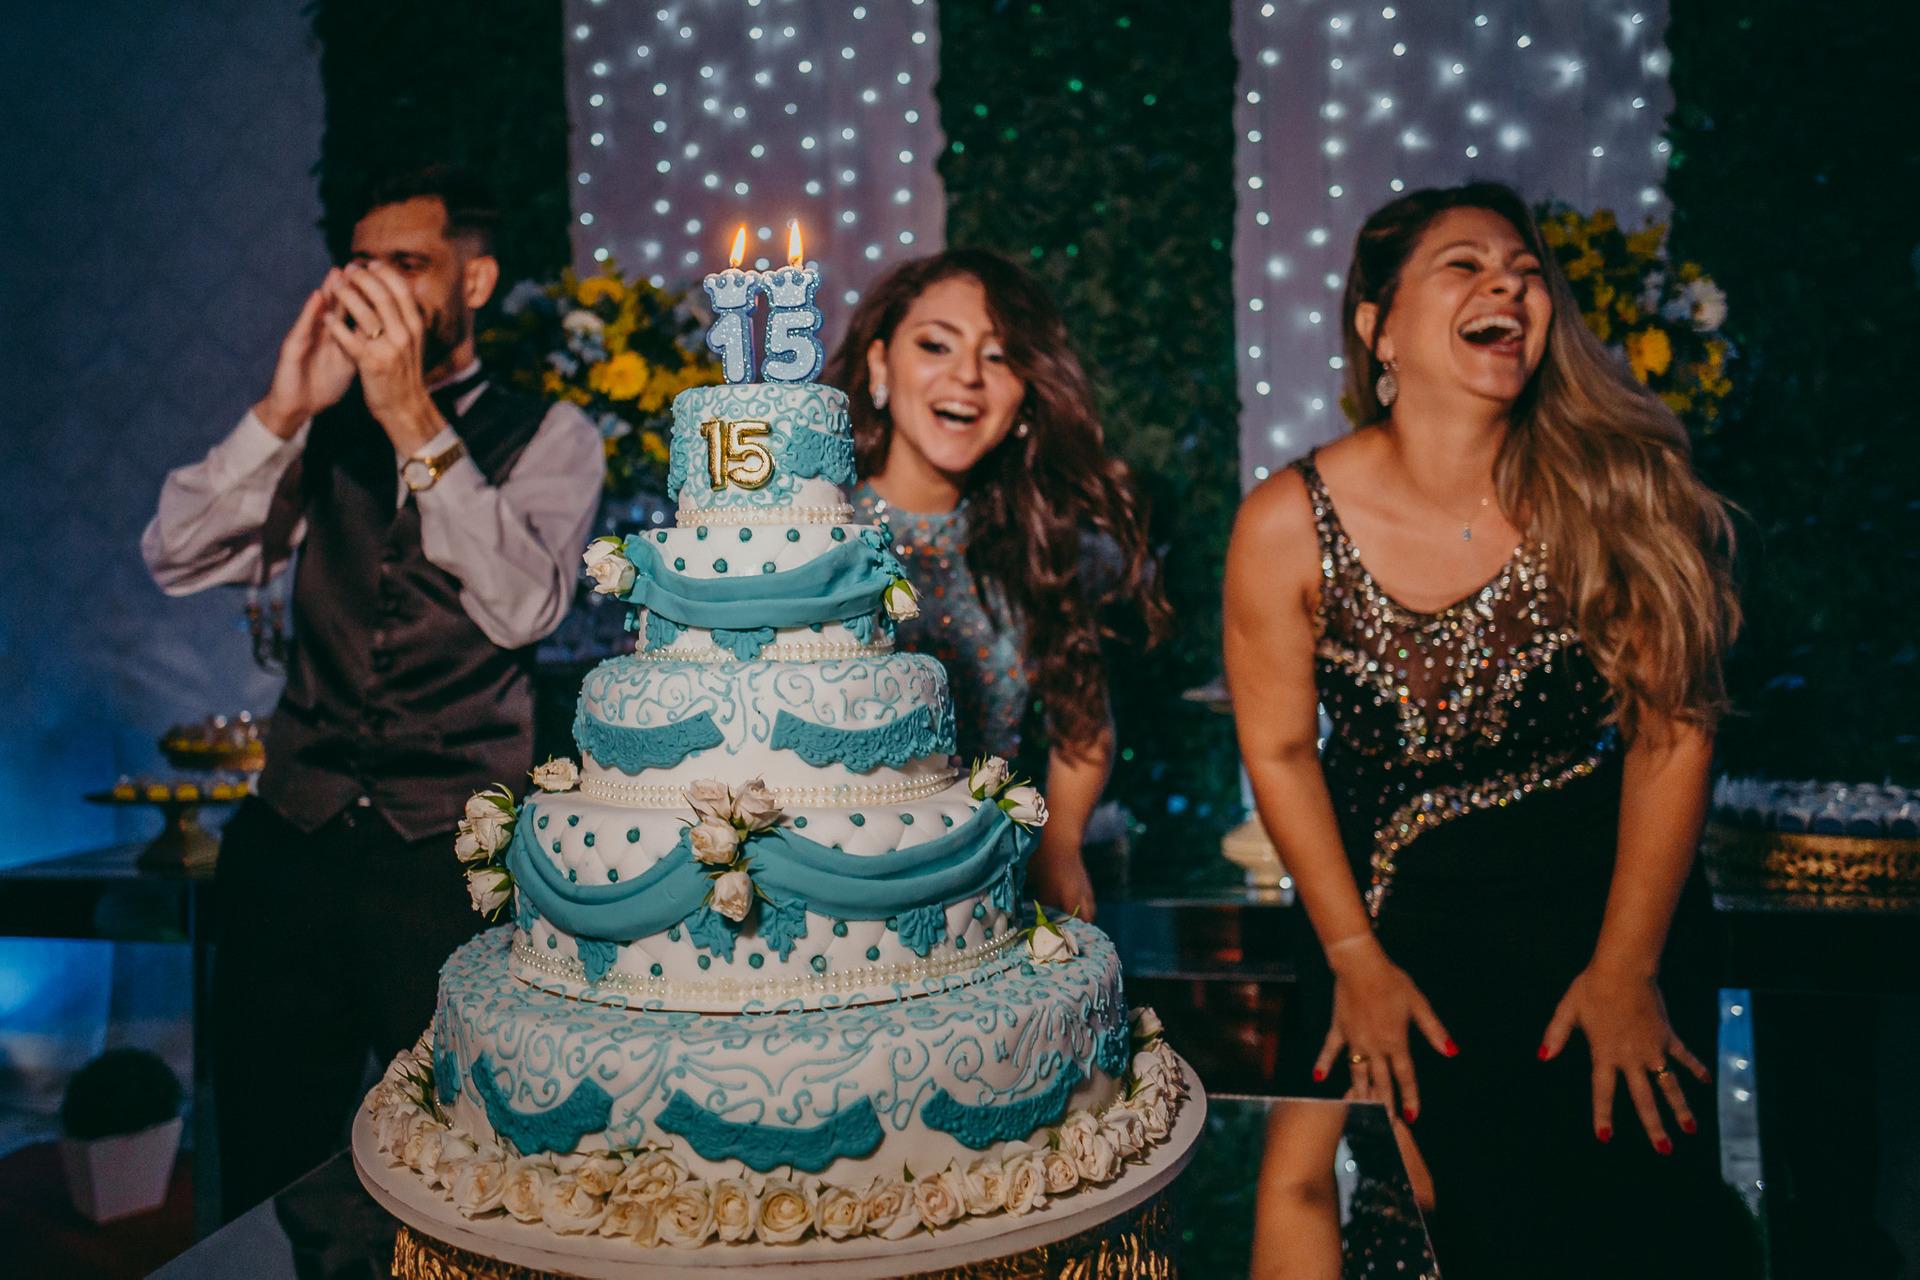 Foto de família sorrindo e muito animada atrás da mesa do bolo de 15 anos da aniversariante com tema azul